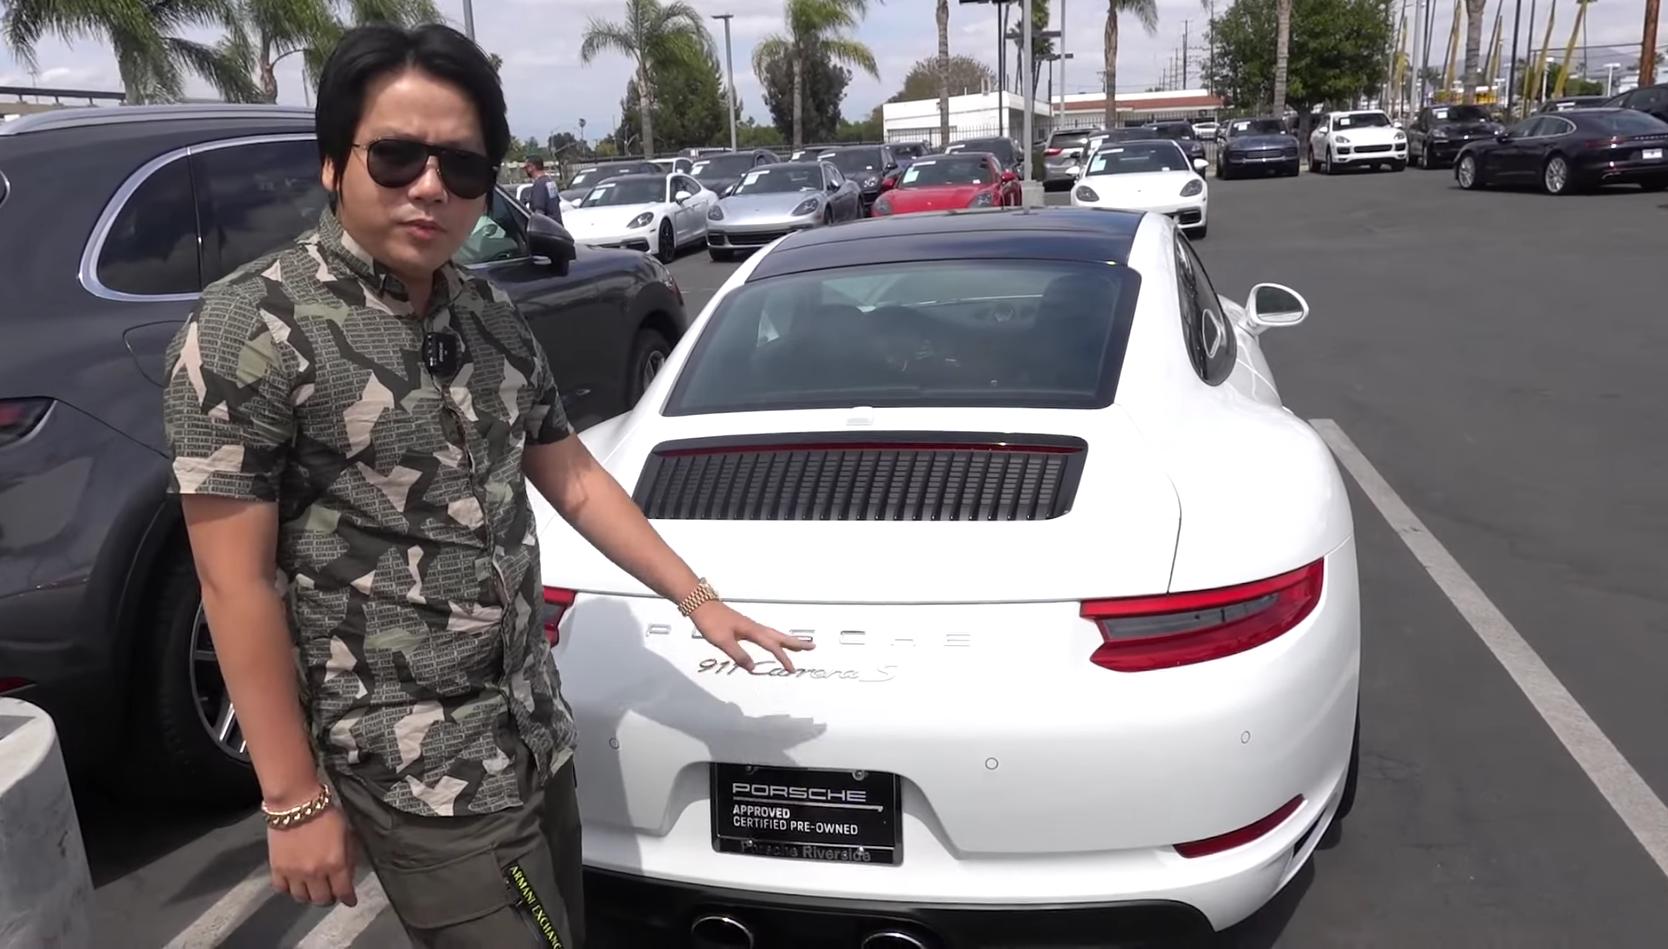 Khoa Pug ở Mỹ tậu siêu xe tiền tỷ để giảm áp lực xài tiền, nhiều dân chơi ở Việt Nam nhìn mà ao ước-2